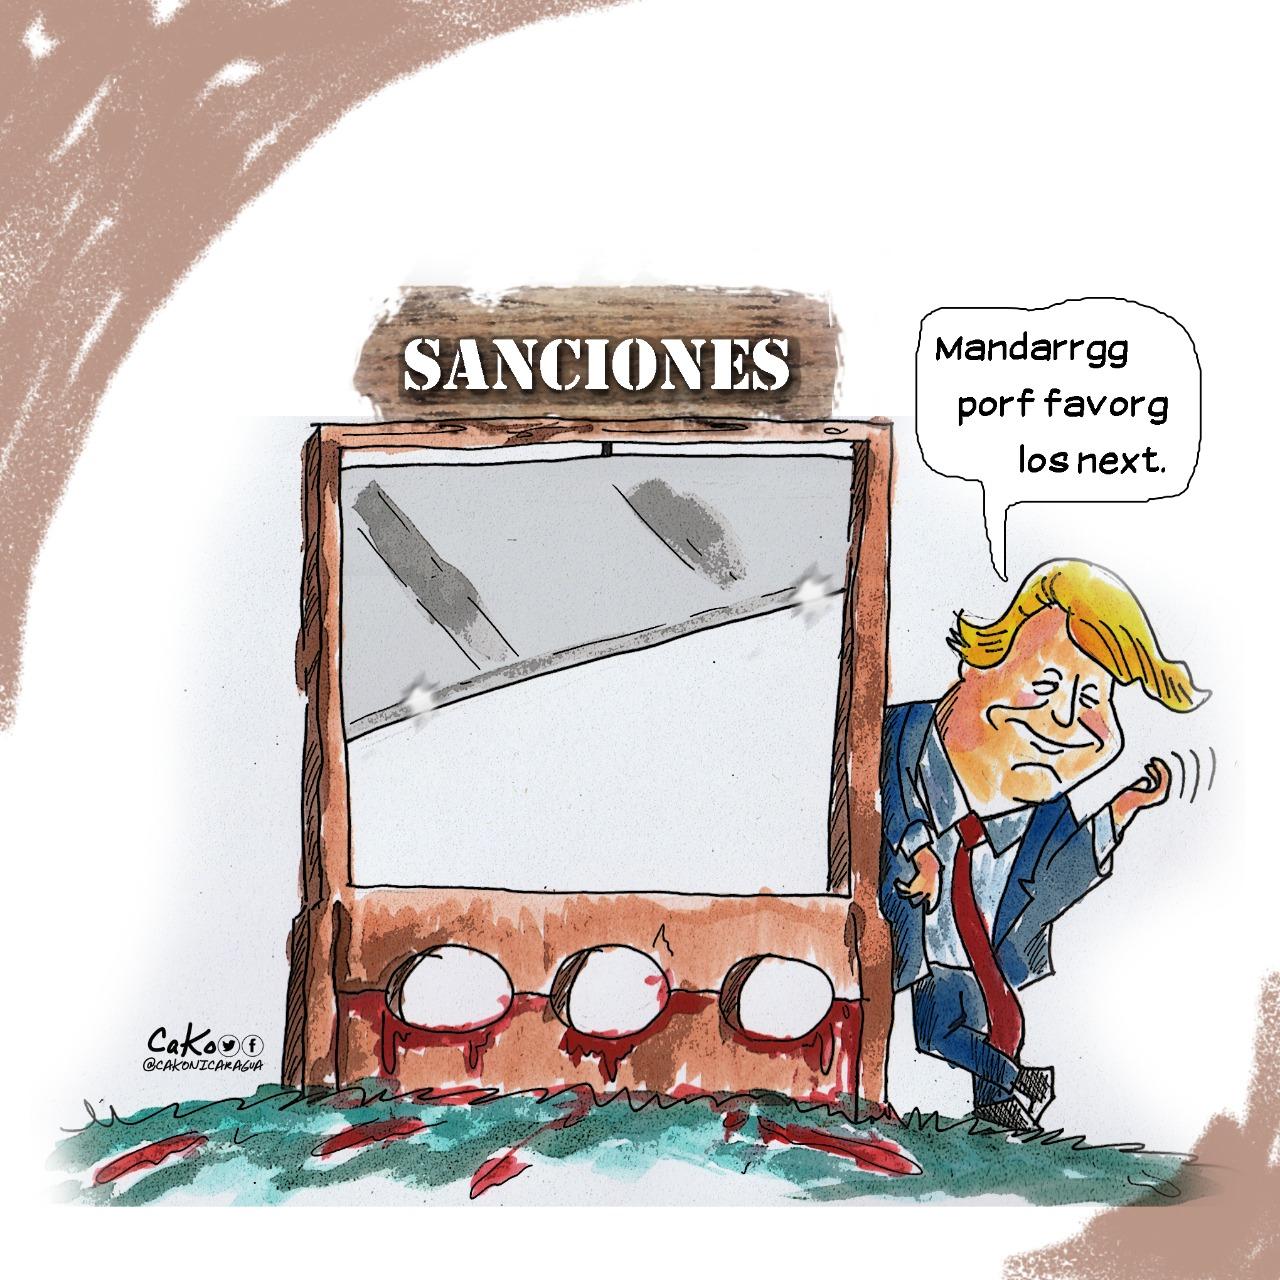 La Caricatura: Que pasen los next